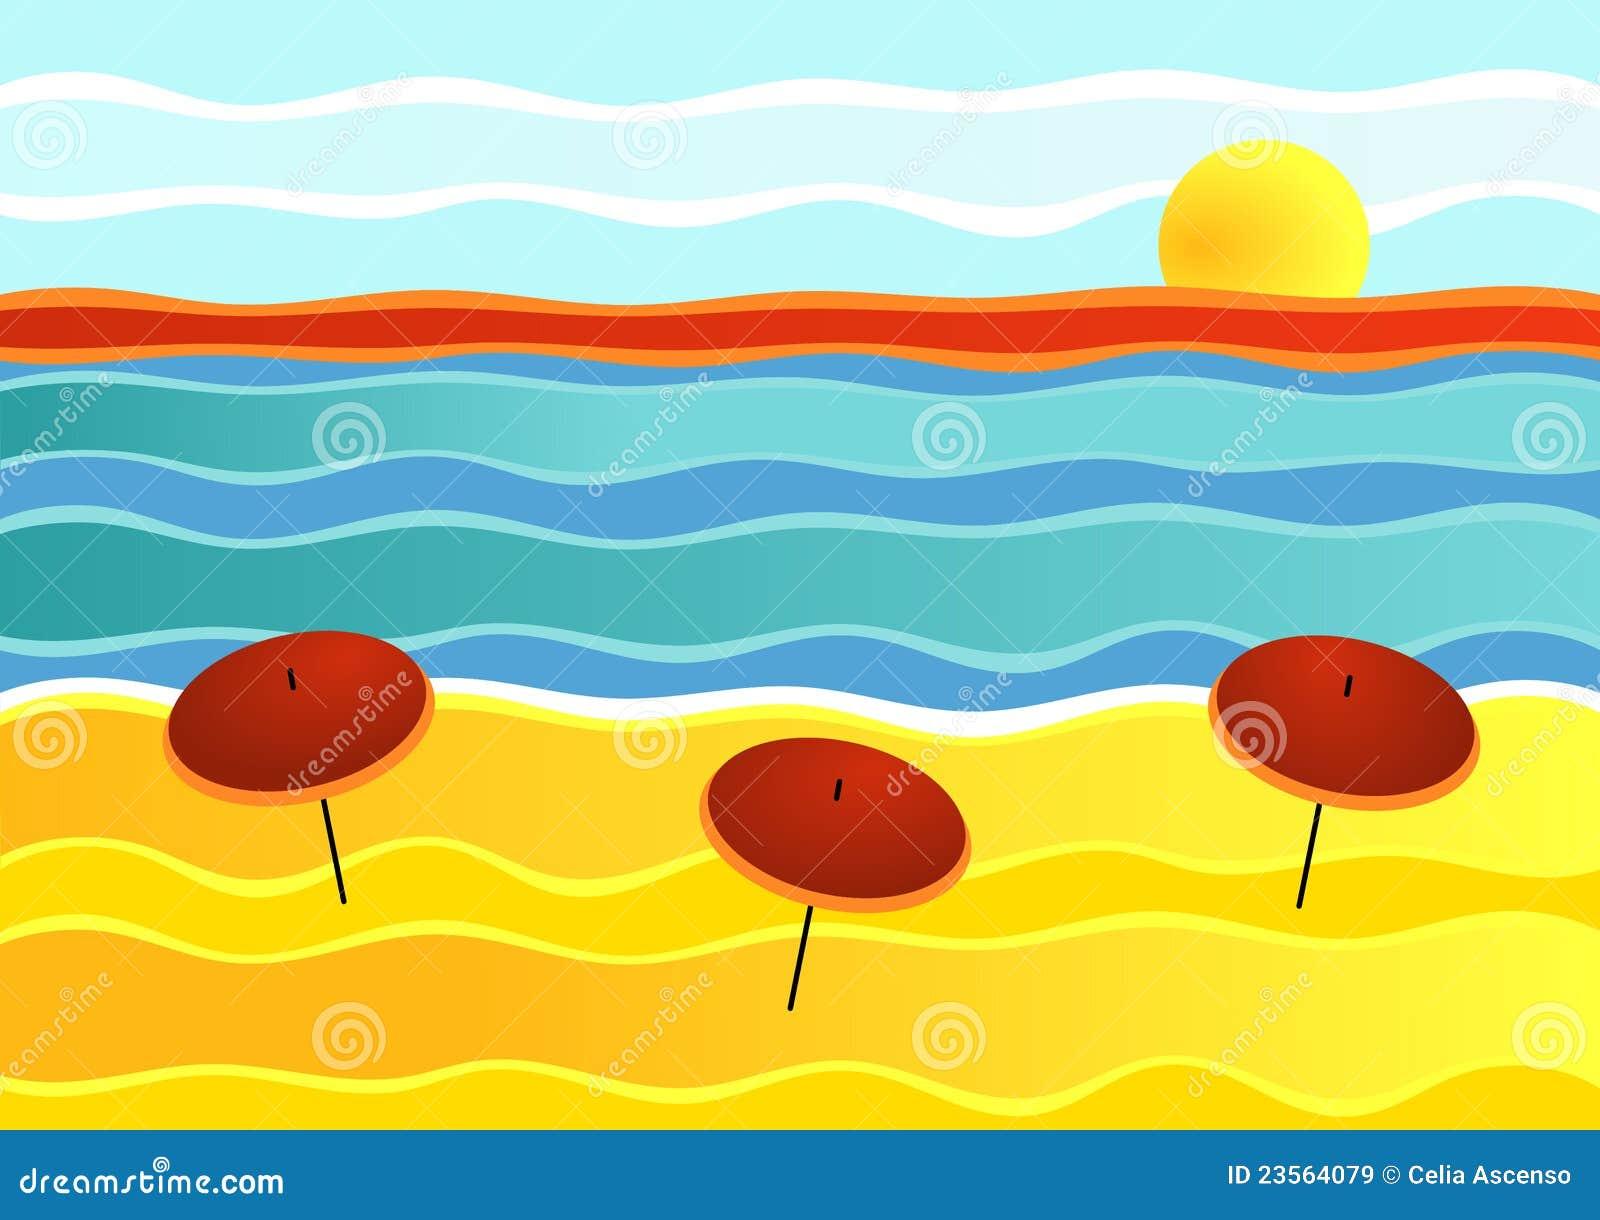 Paesaggio a strisce della spiaggia immagini stock libere for Disegni da camera da spiaggia